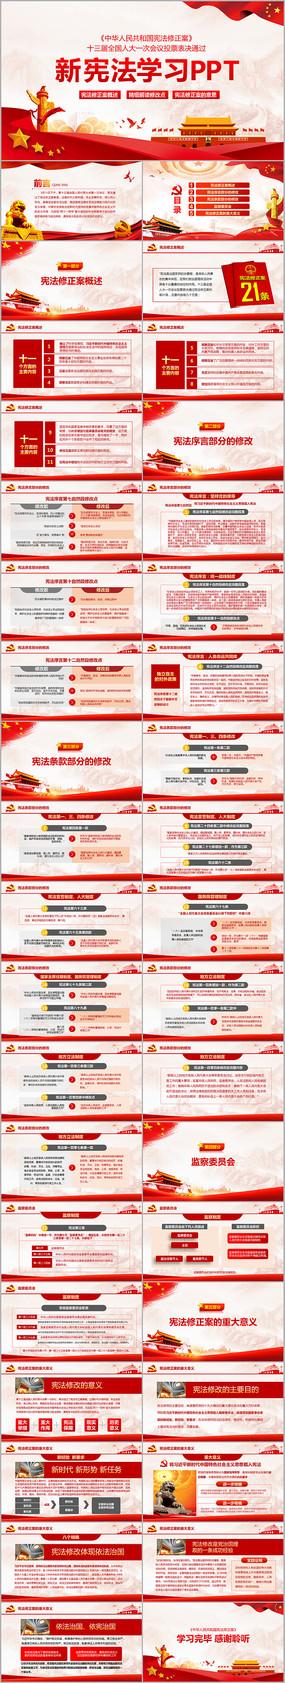 新宪法PPT中共中央宪法修改PPT